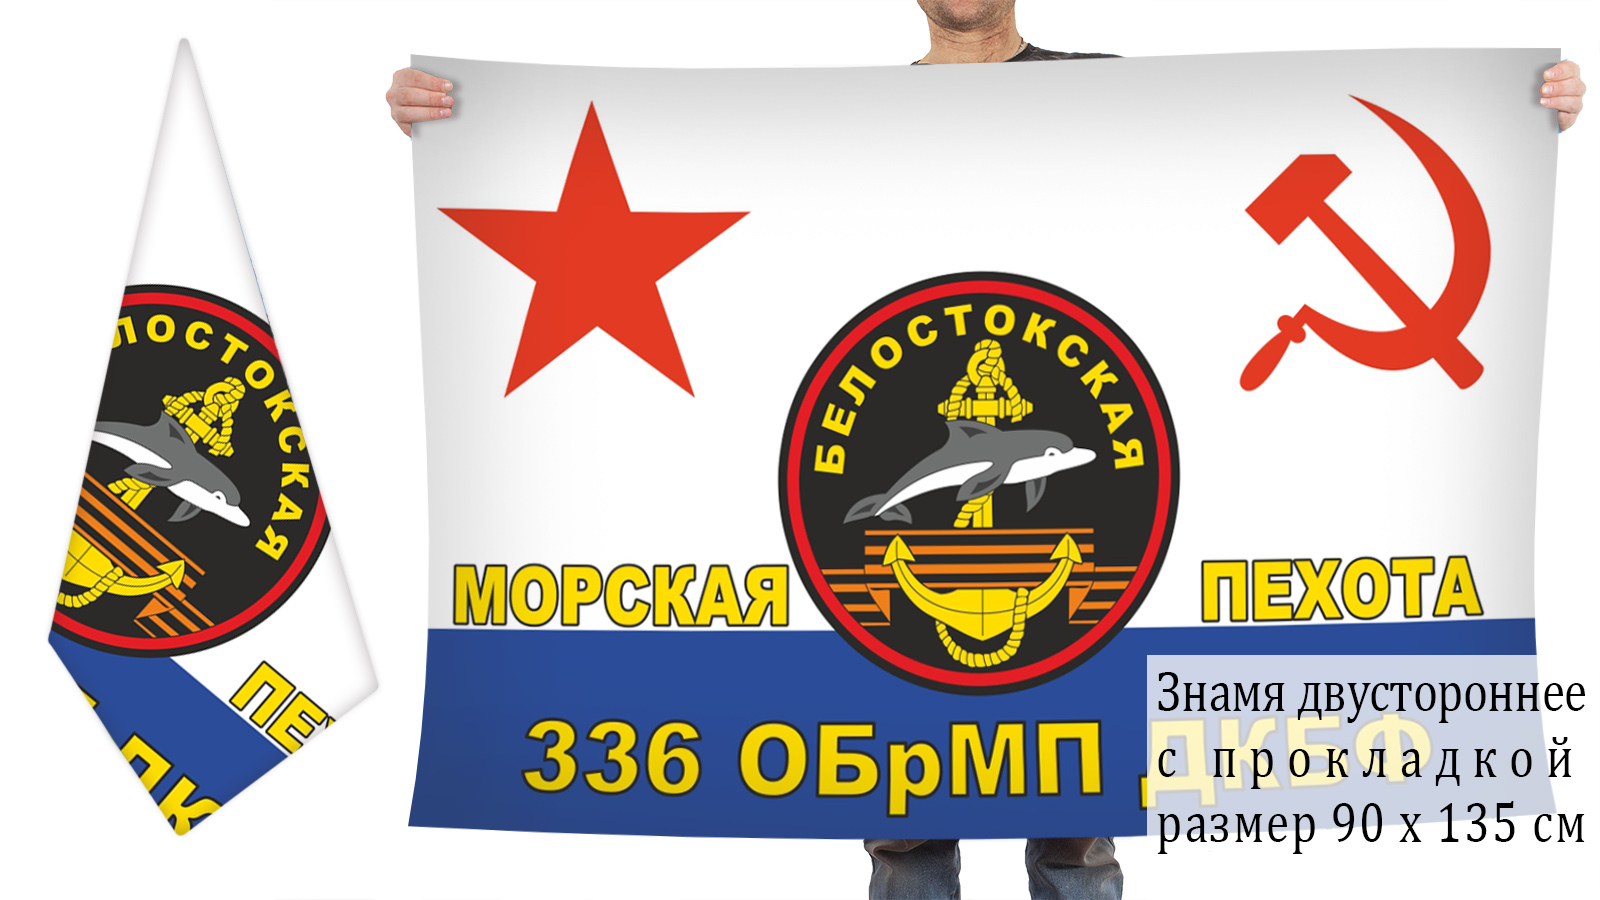 Двусторониий флаг 336 Белостокской ОБрМП